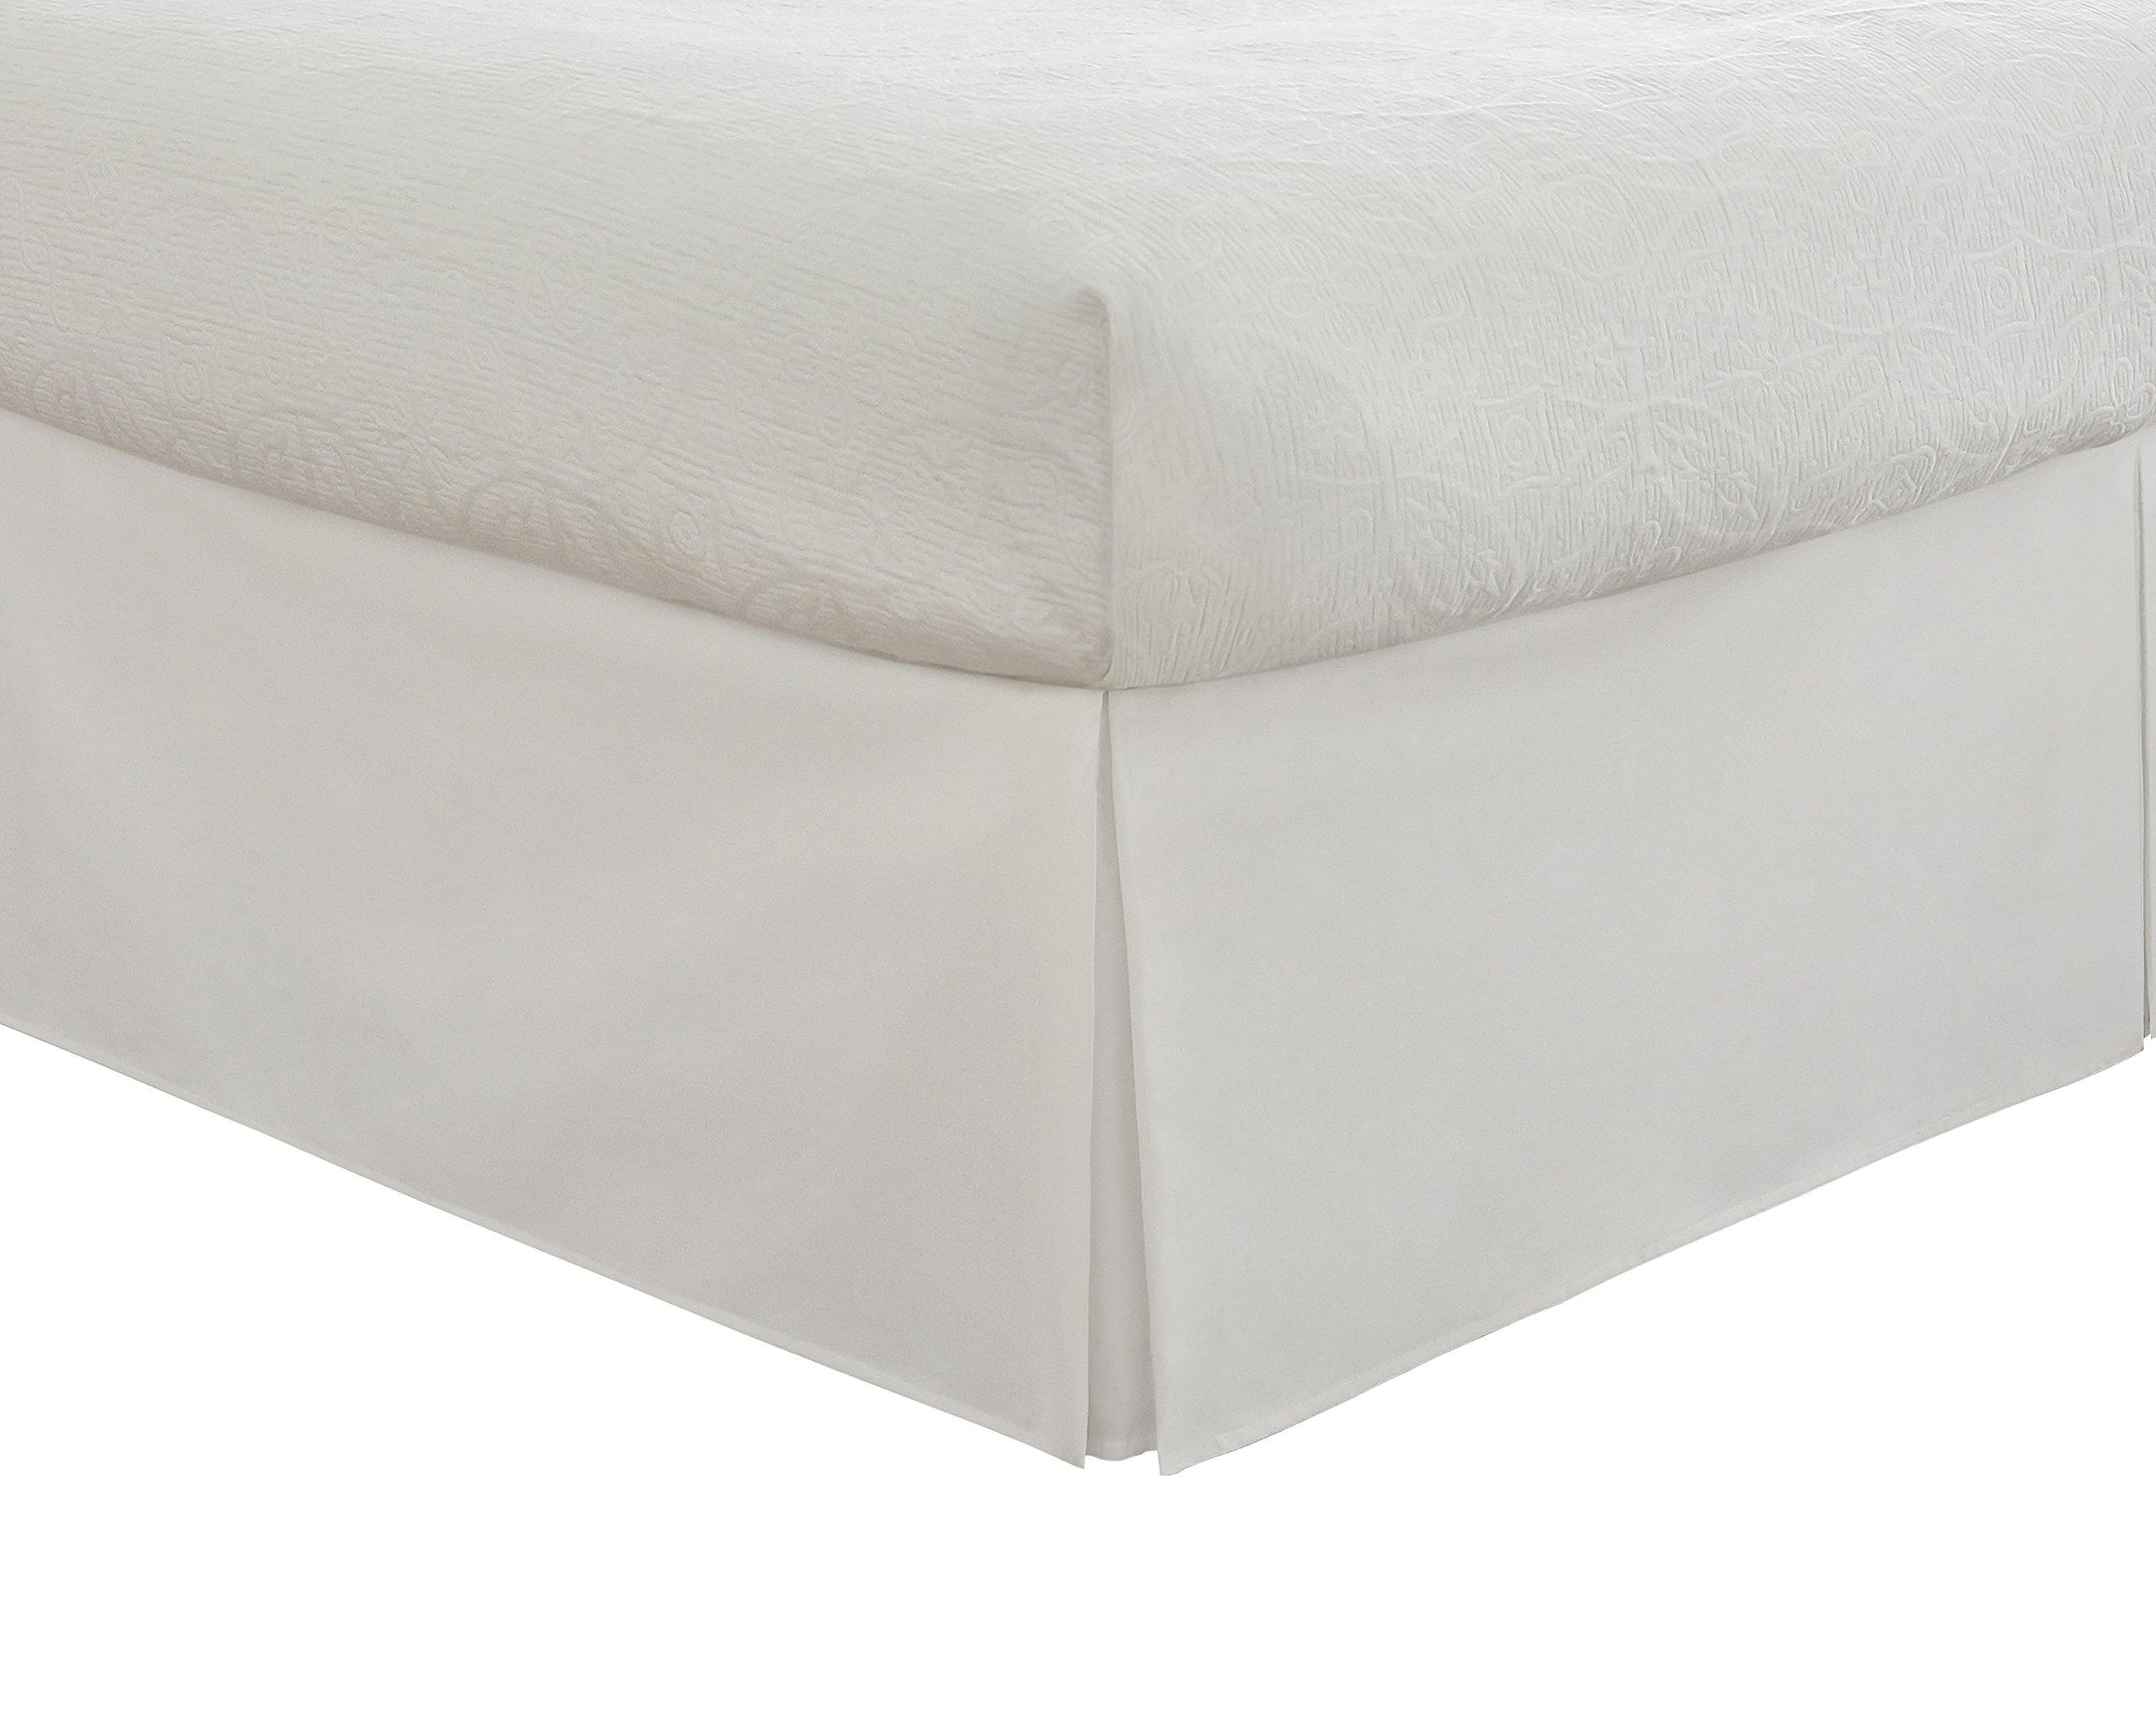 Fresh Ideas Tailored Poplin Bedskirt 14-Inch Drop Twin, White